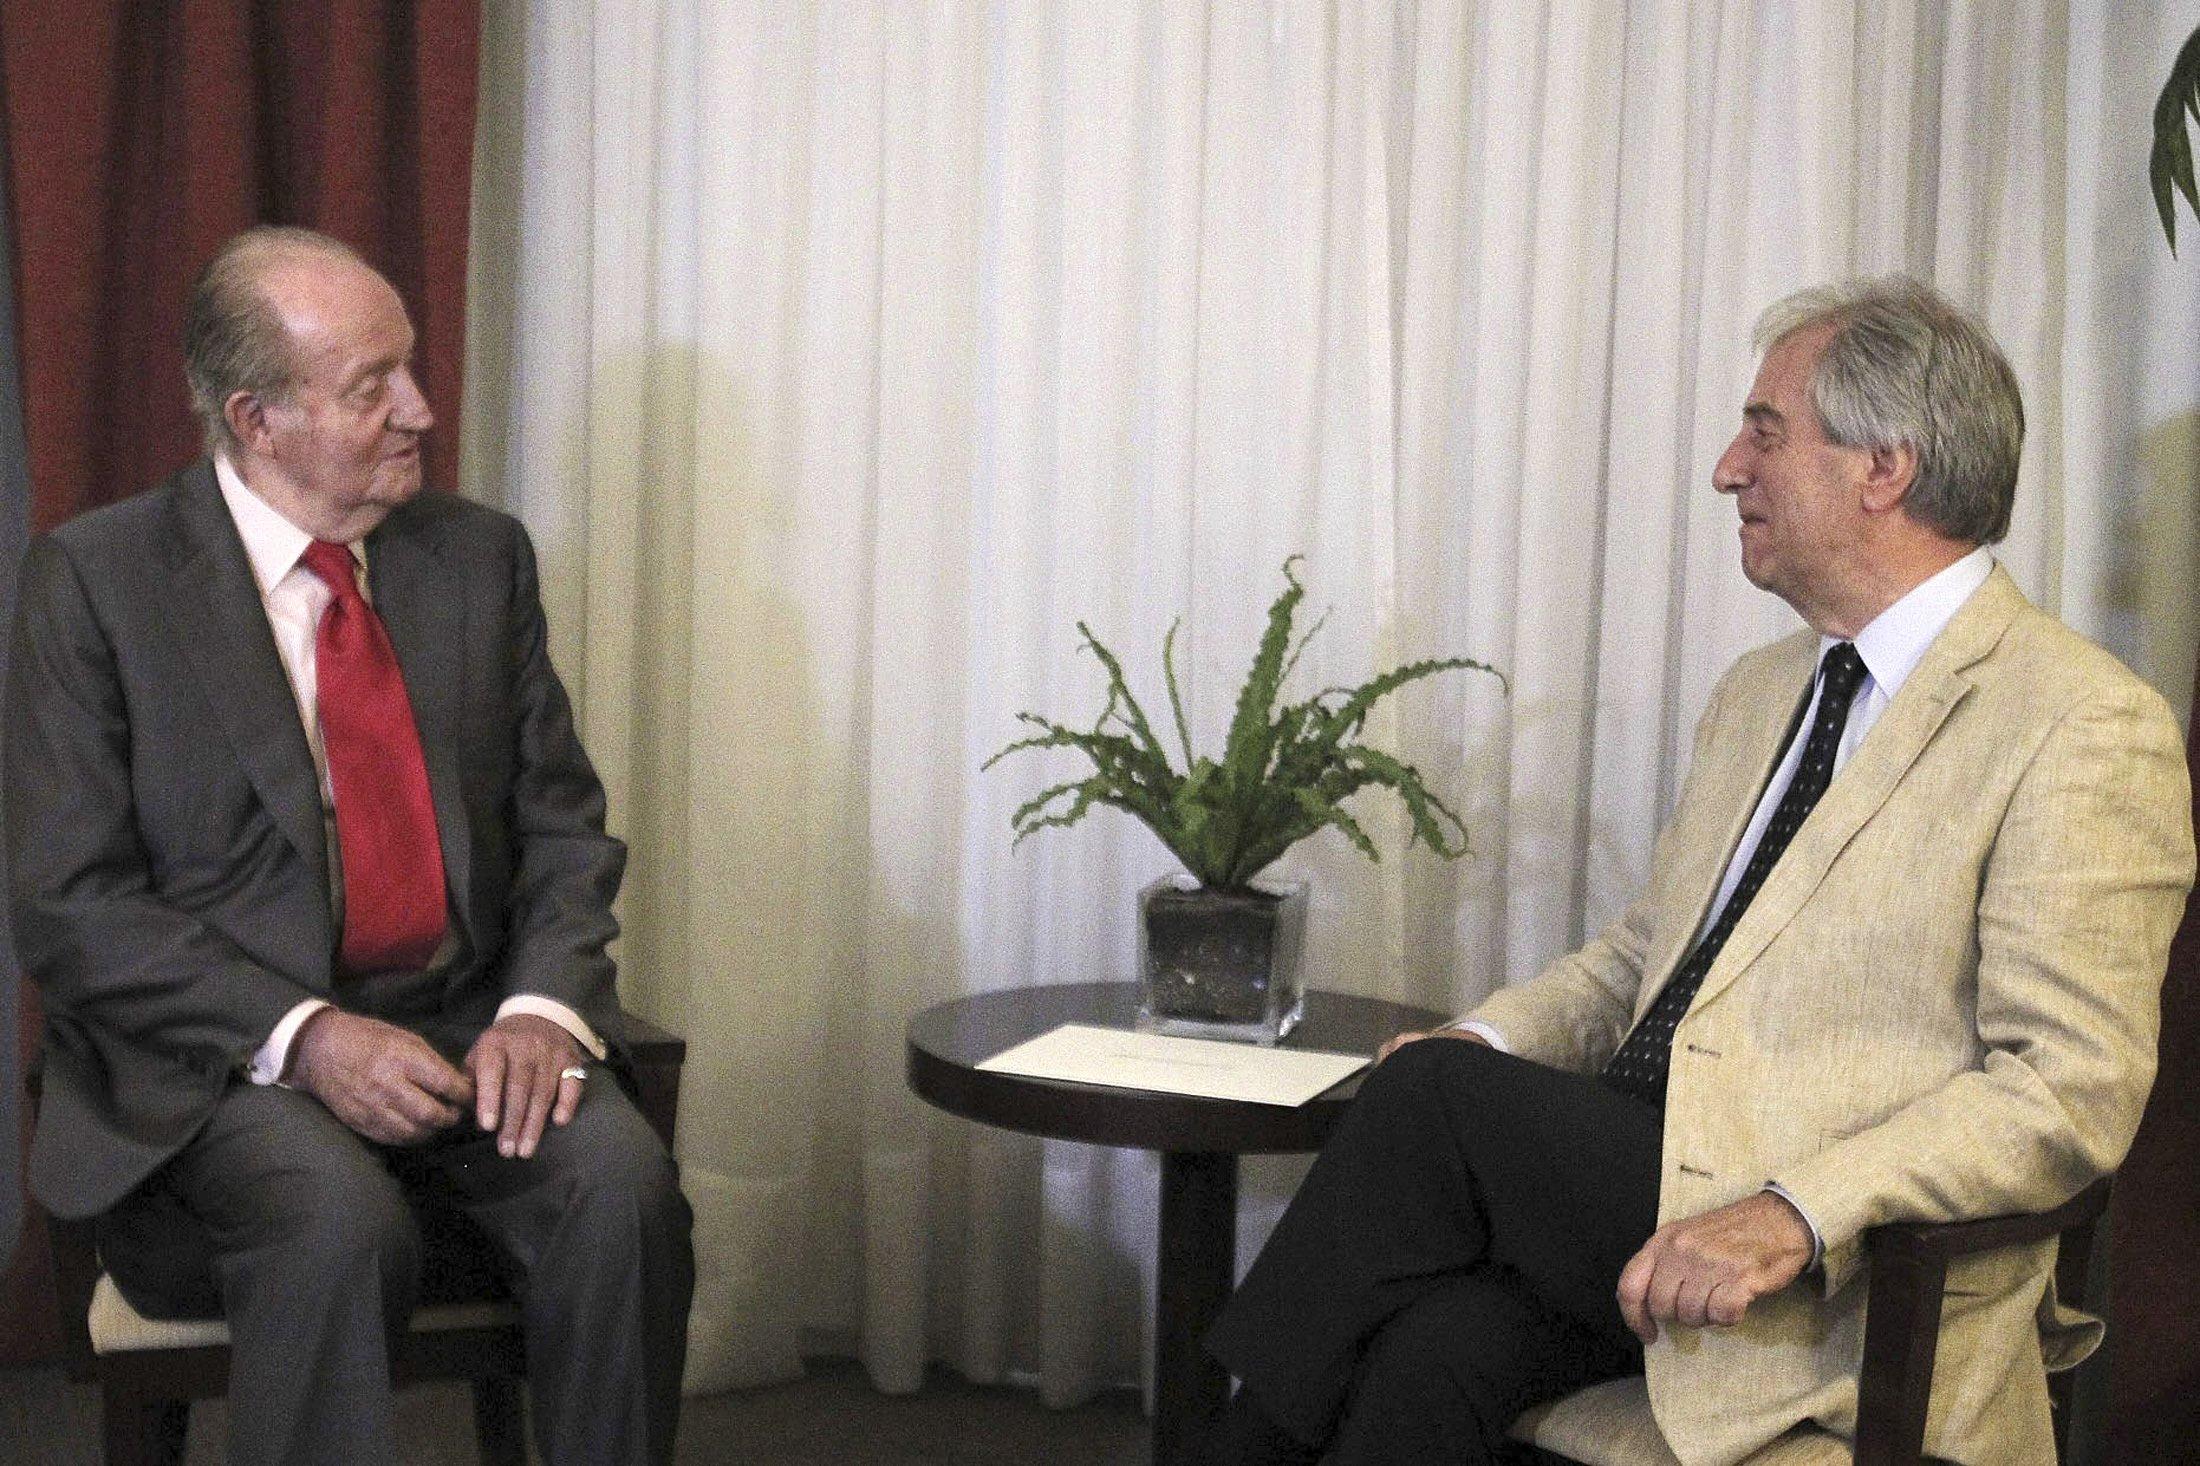 El Rey Juan Carlos refrenda con su presencia las políticas NOM de Mujica y Vázquez en Uruguay